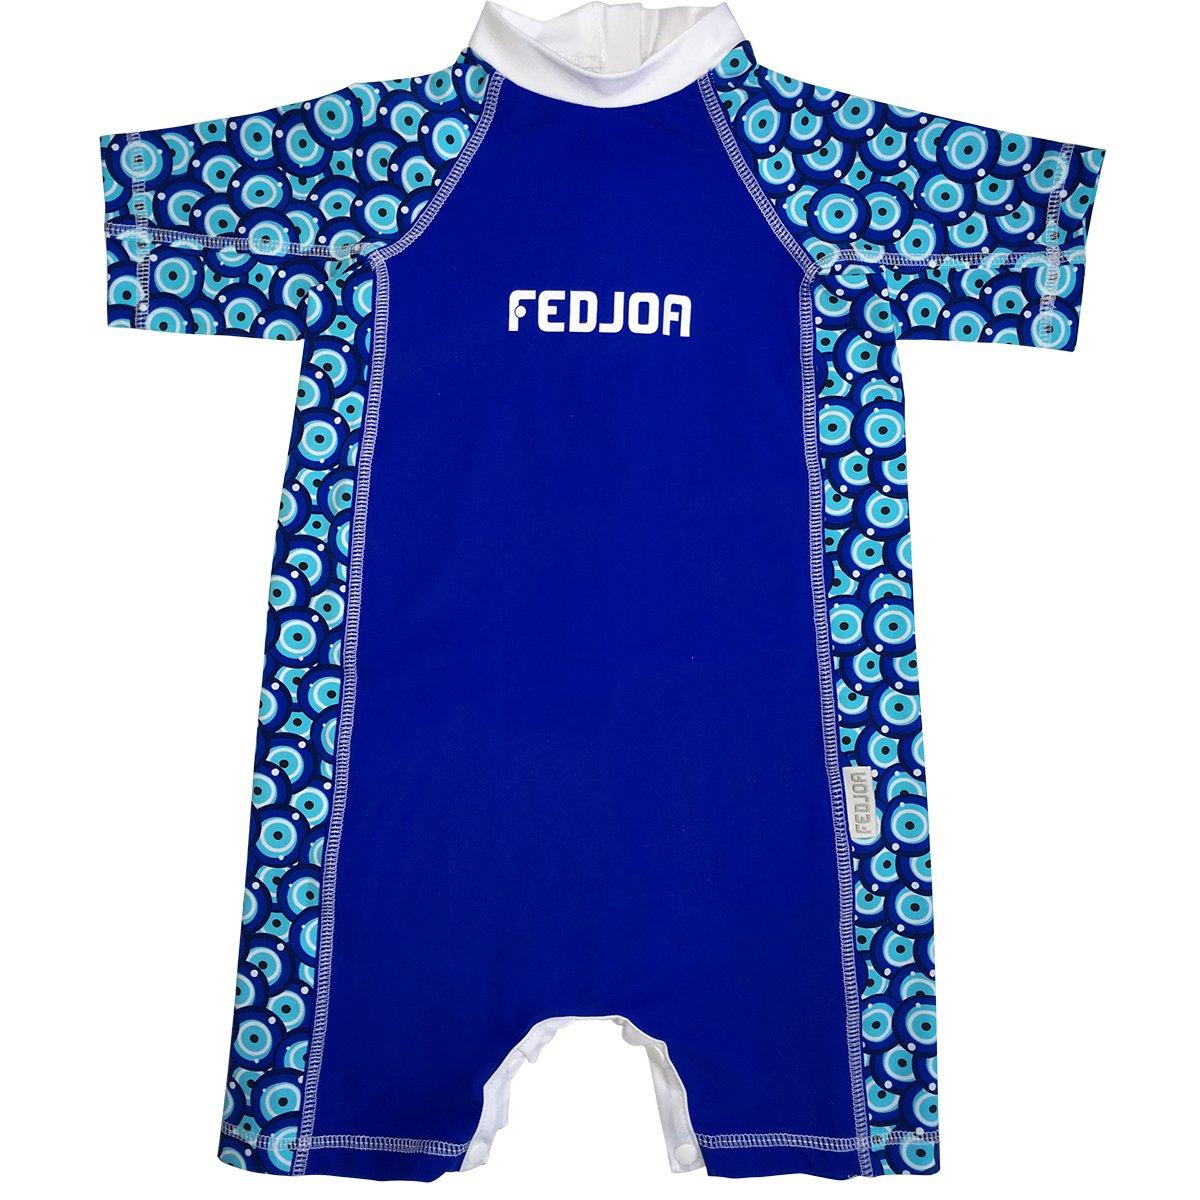 FEDJOA Creador Franc/és Mono Integral con Proteccion UV UPF 50+ LOOKAT